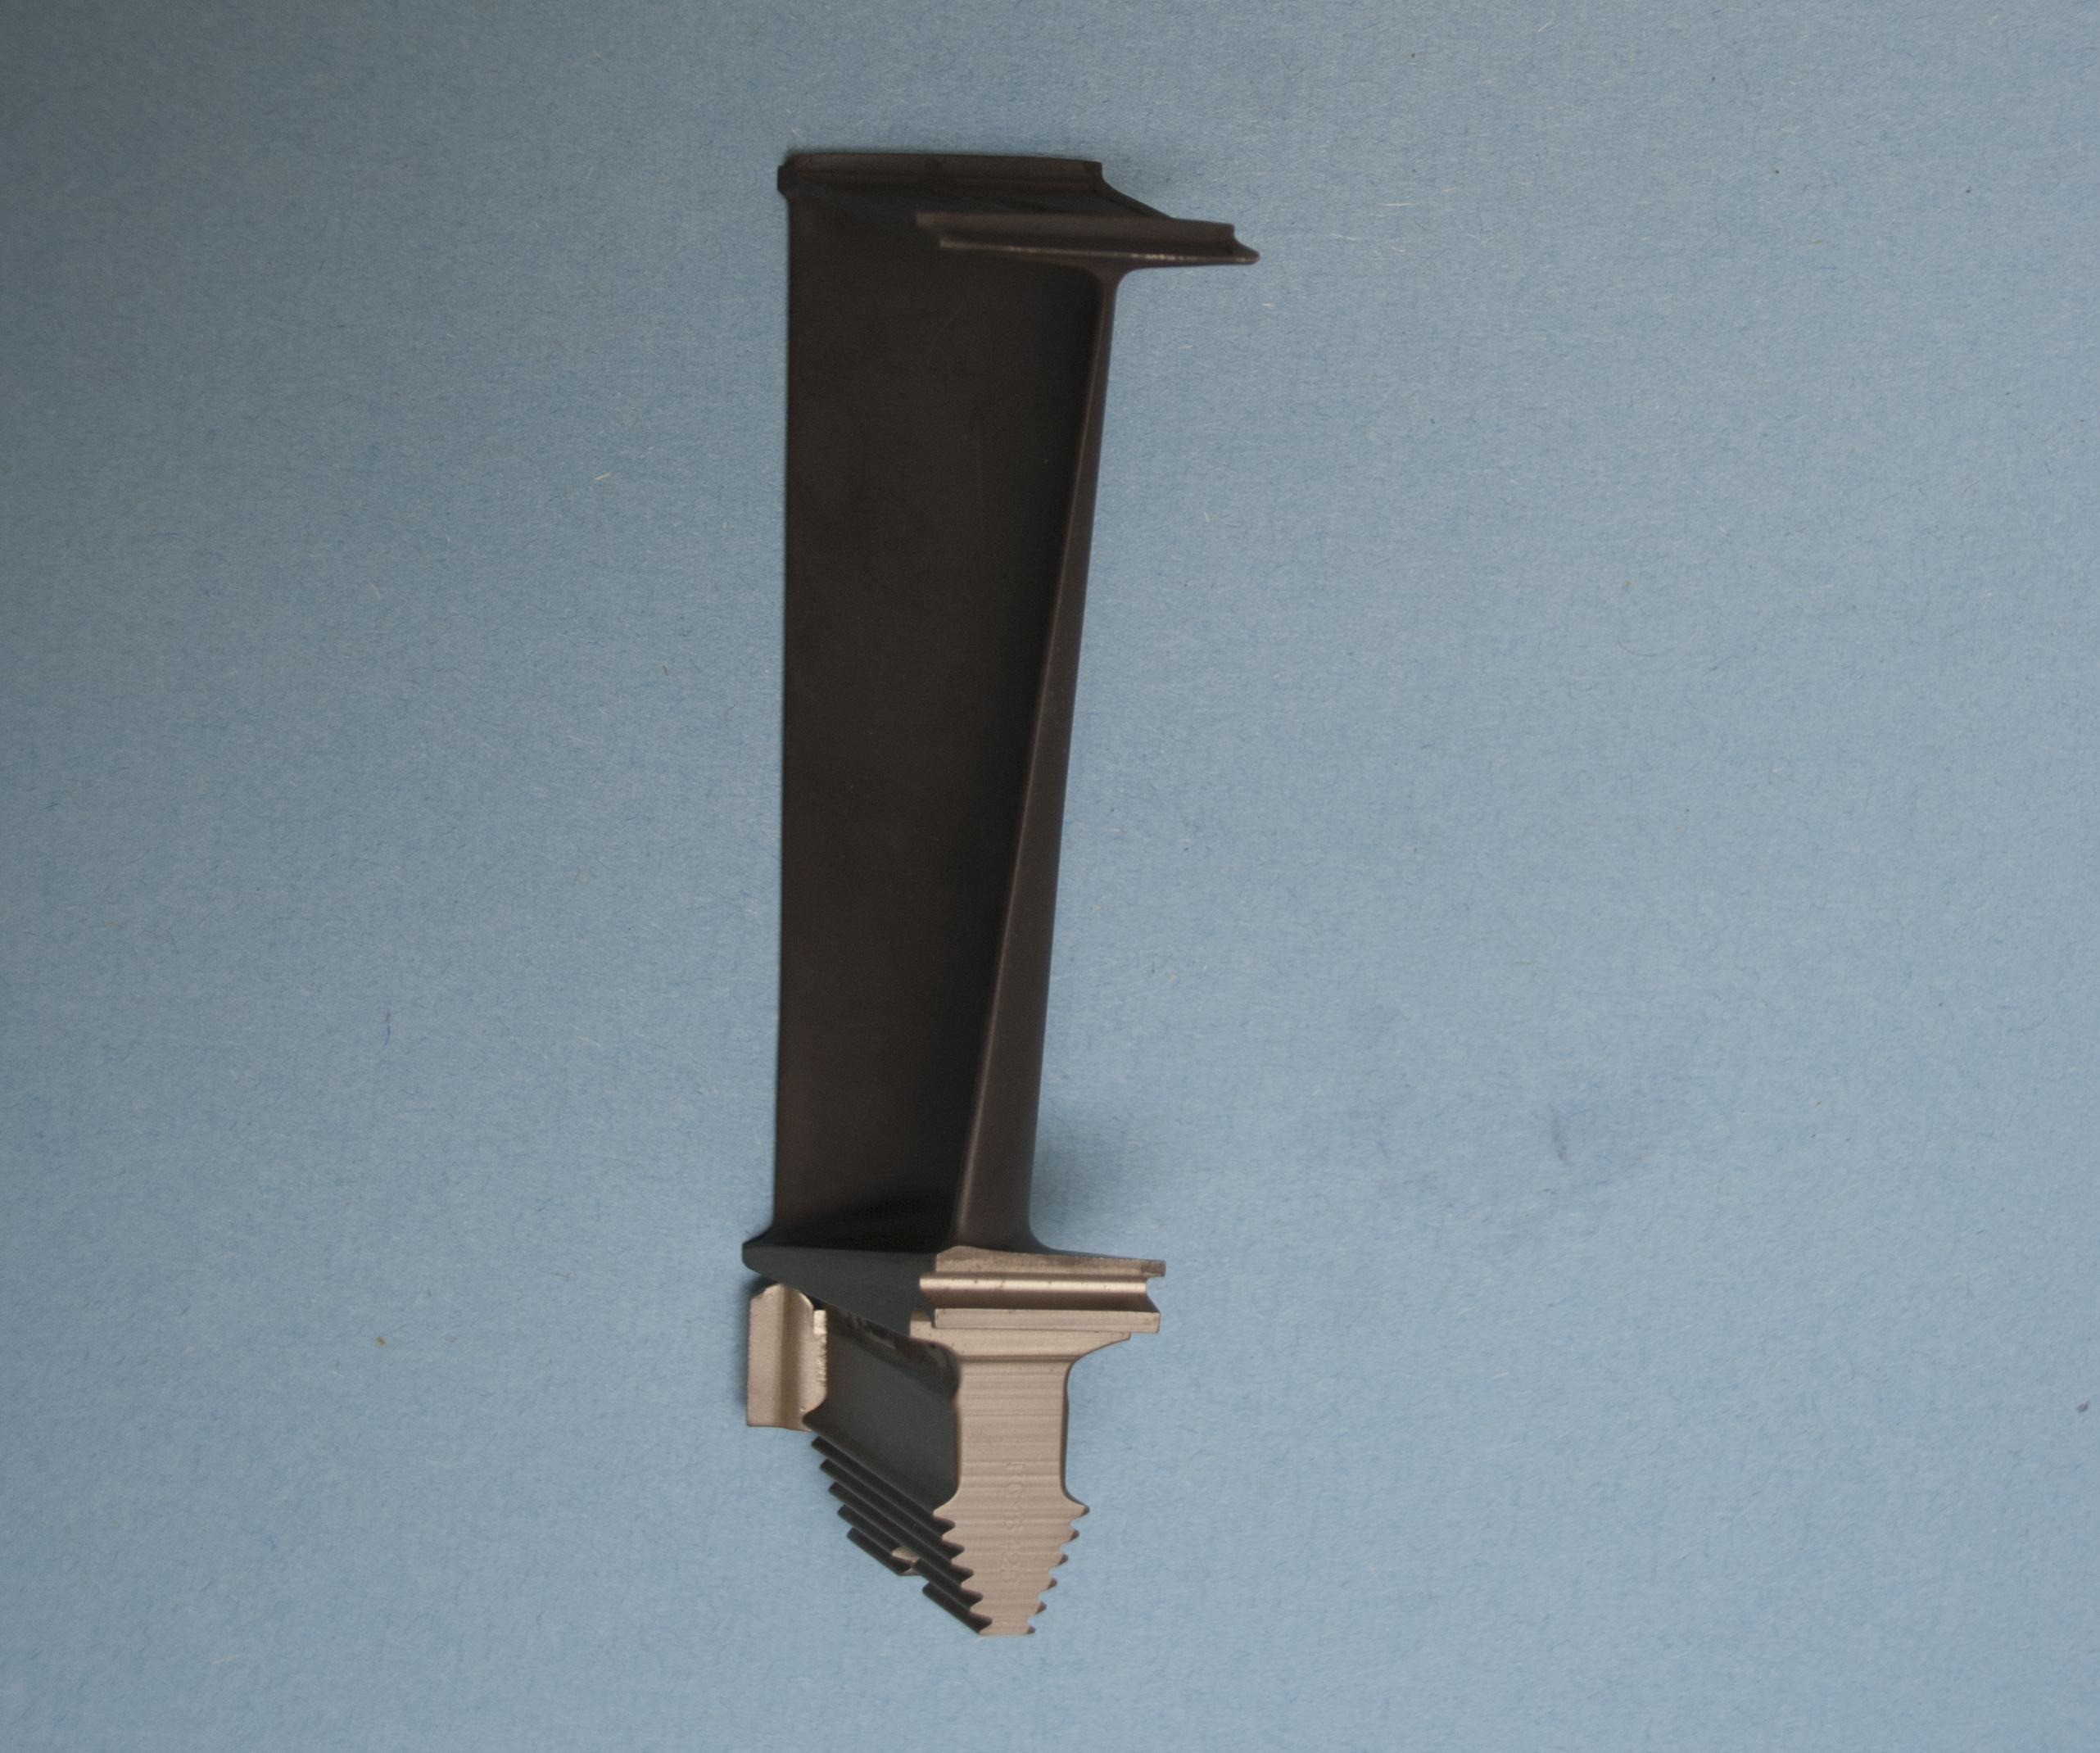 Avon 1535 High Pressure Turbine Blades